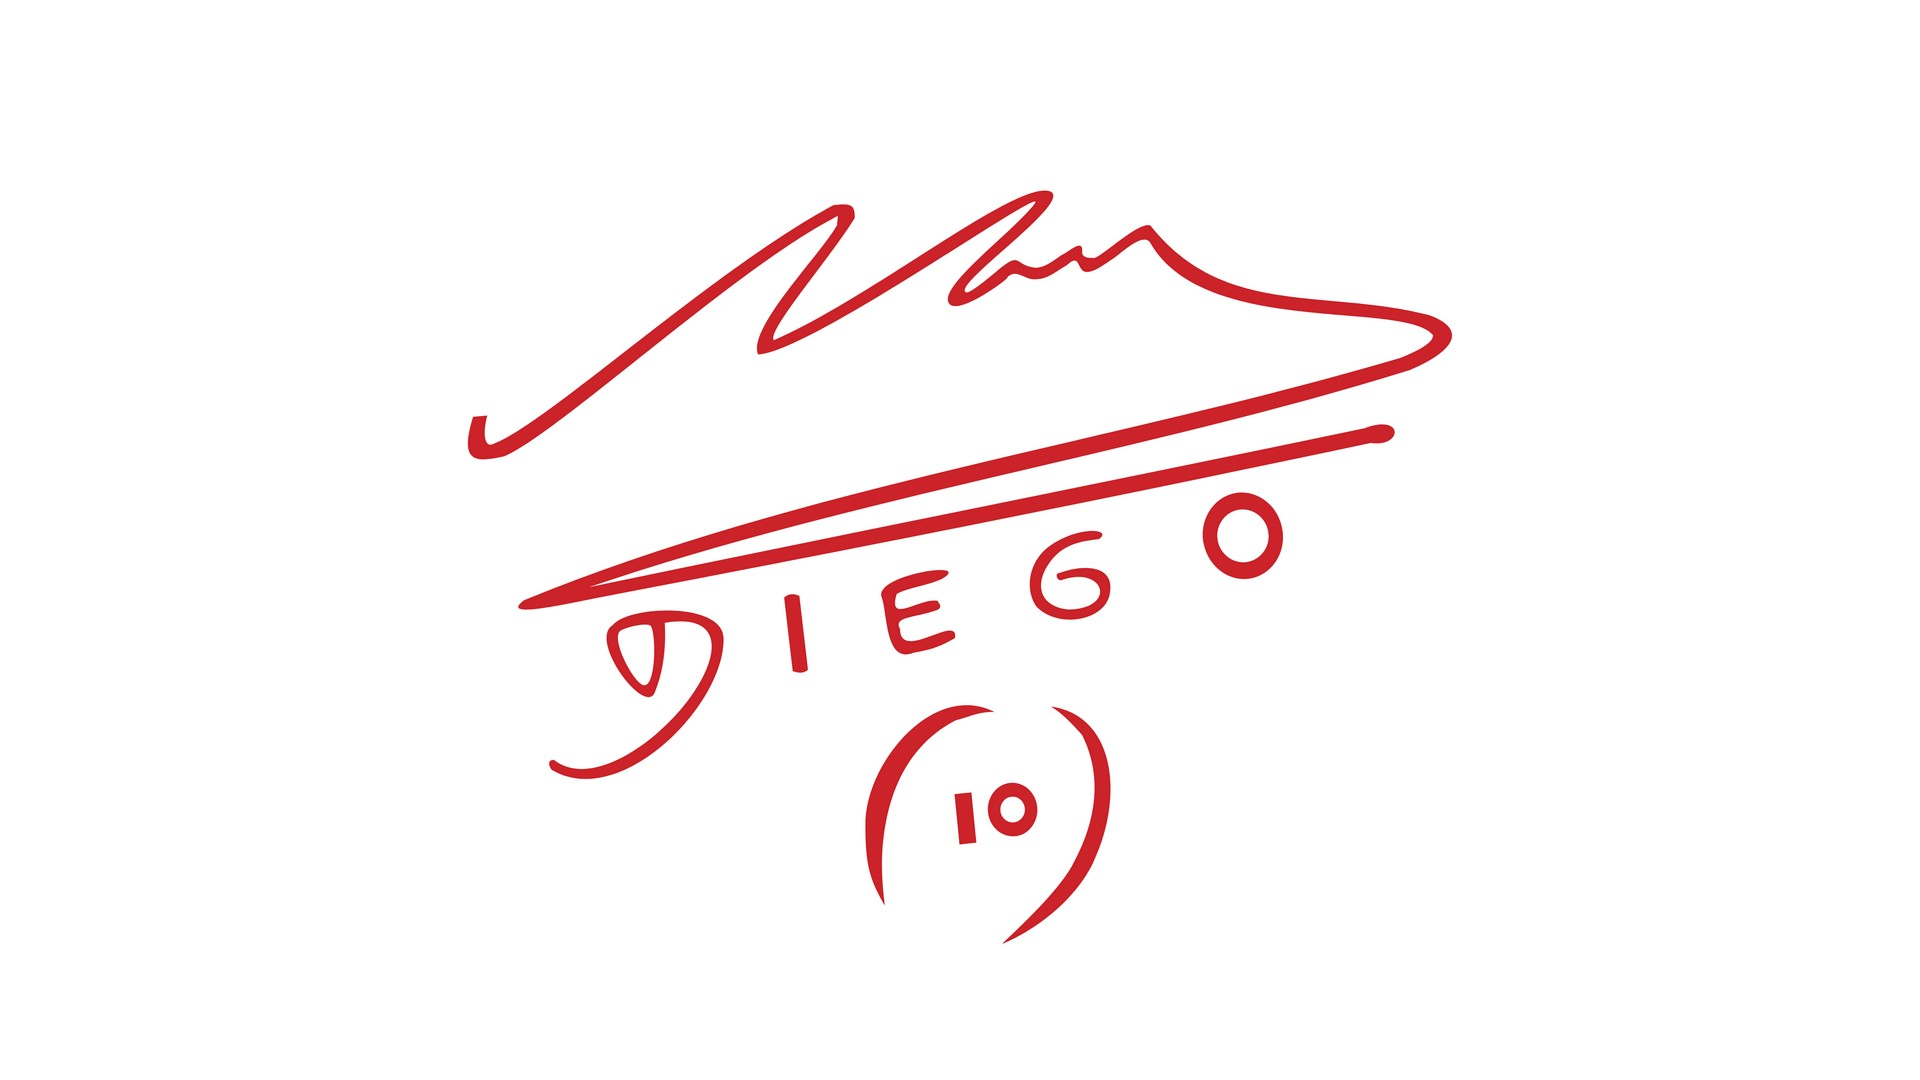 Diego Maradona (1) logo